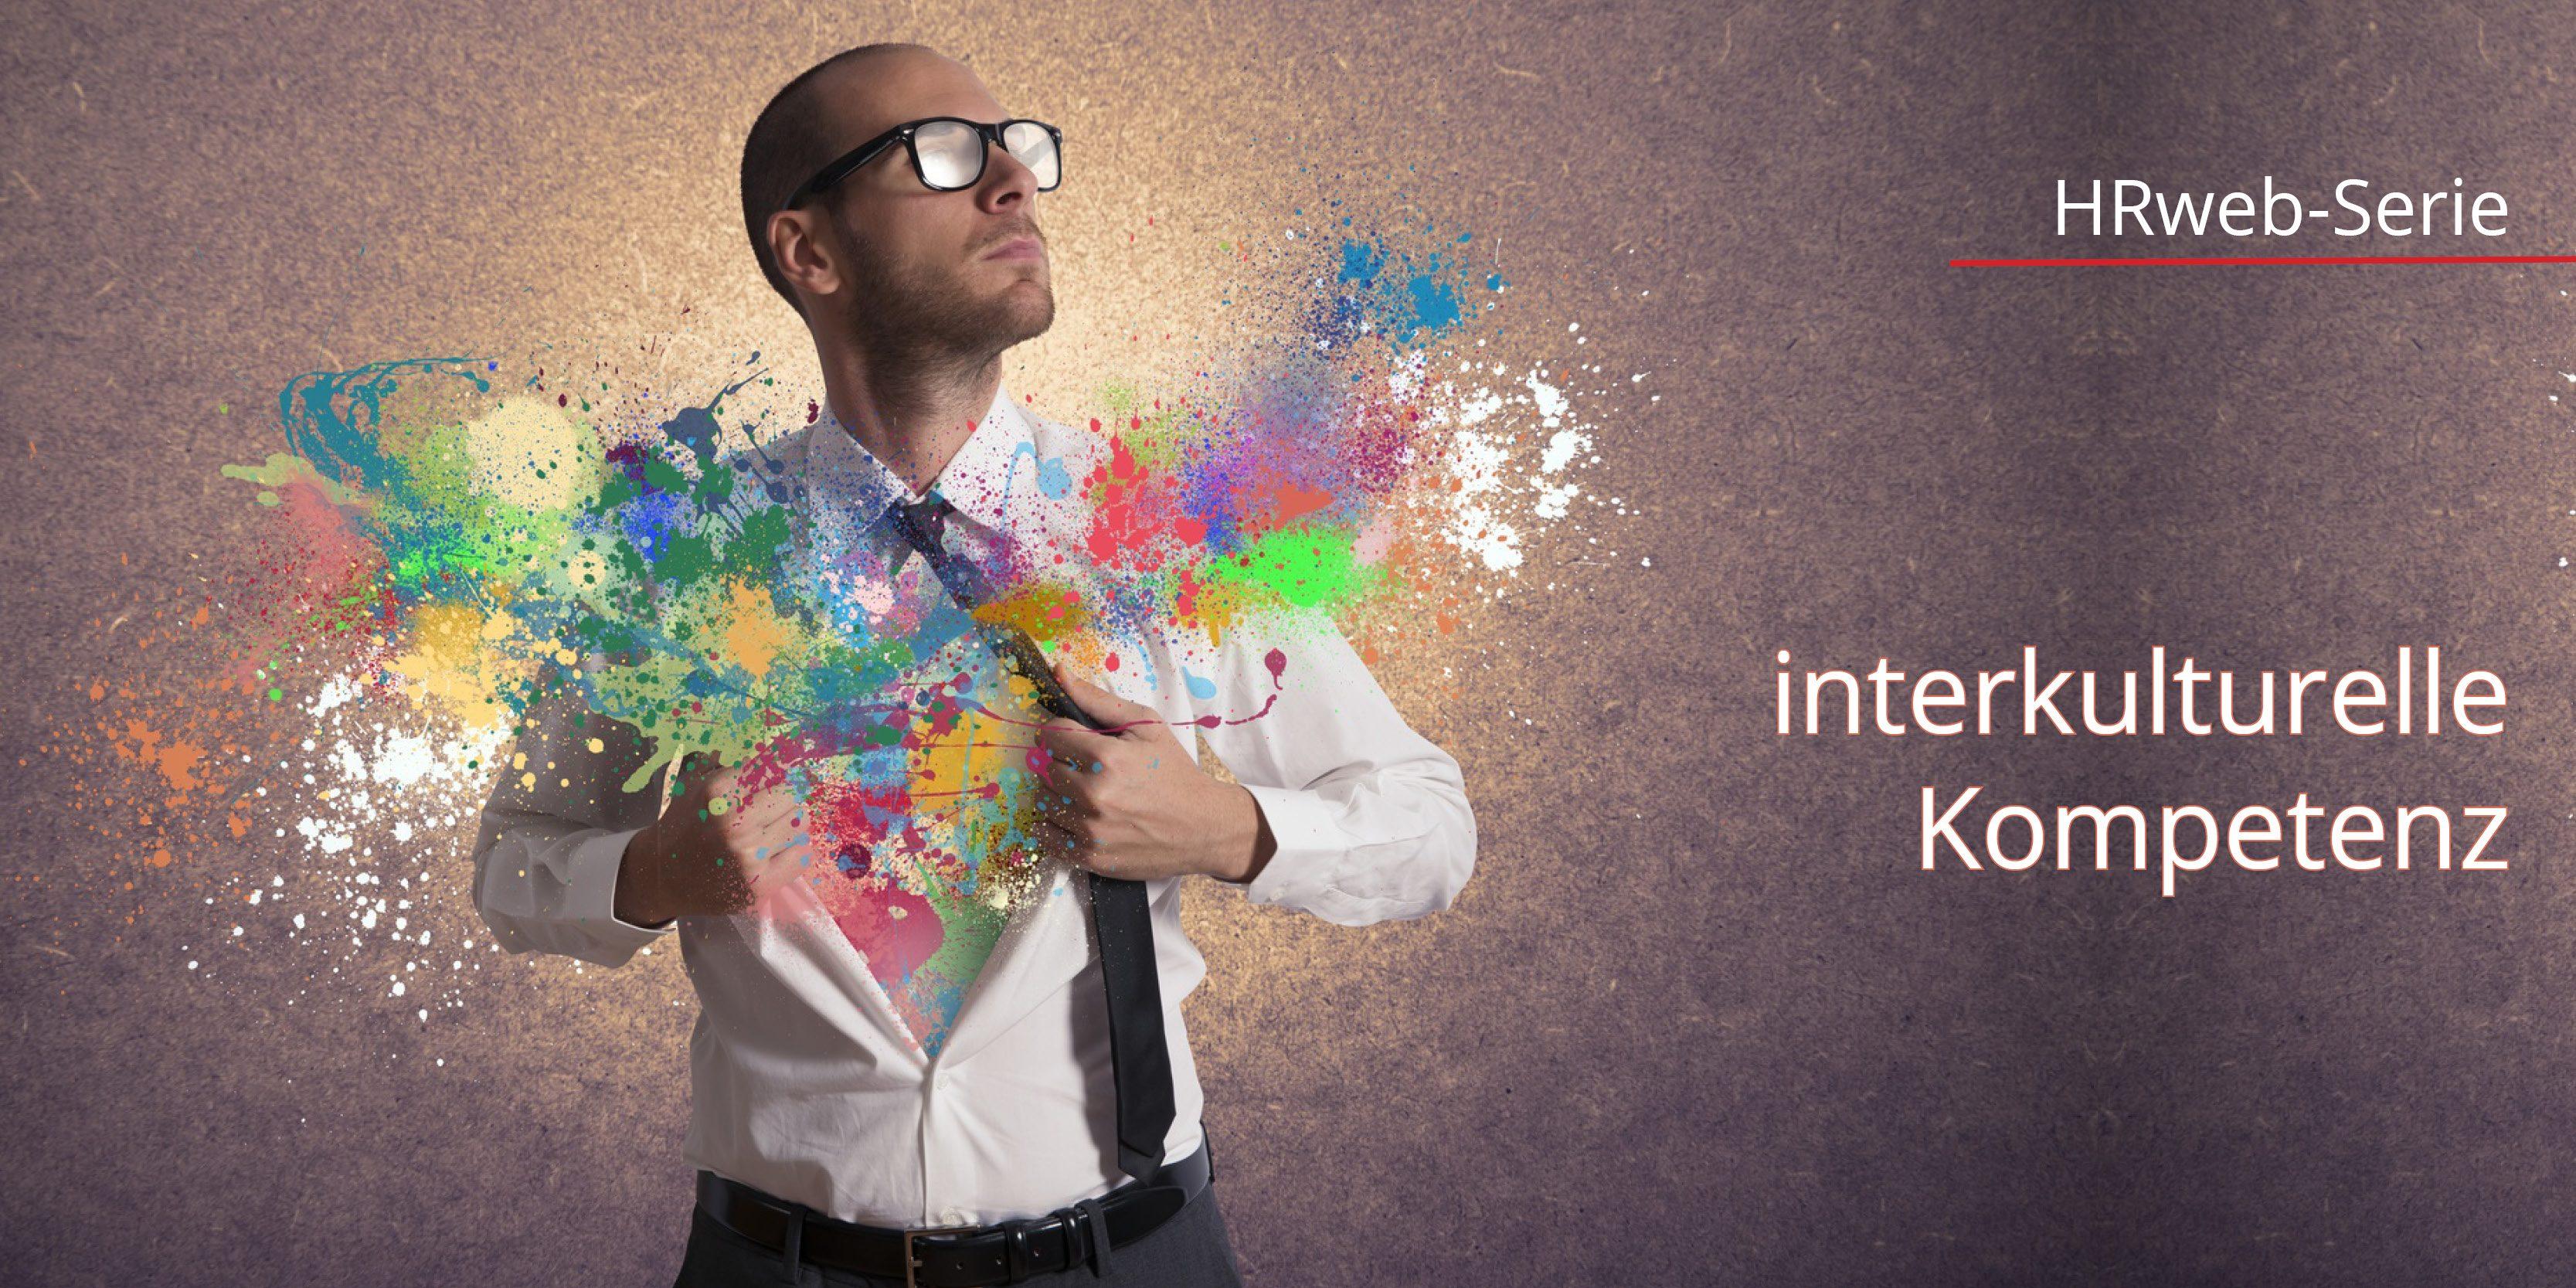 interkulturelle Kommunikation, interkulturelles Lernen